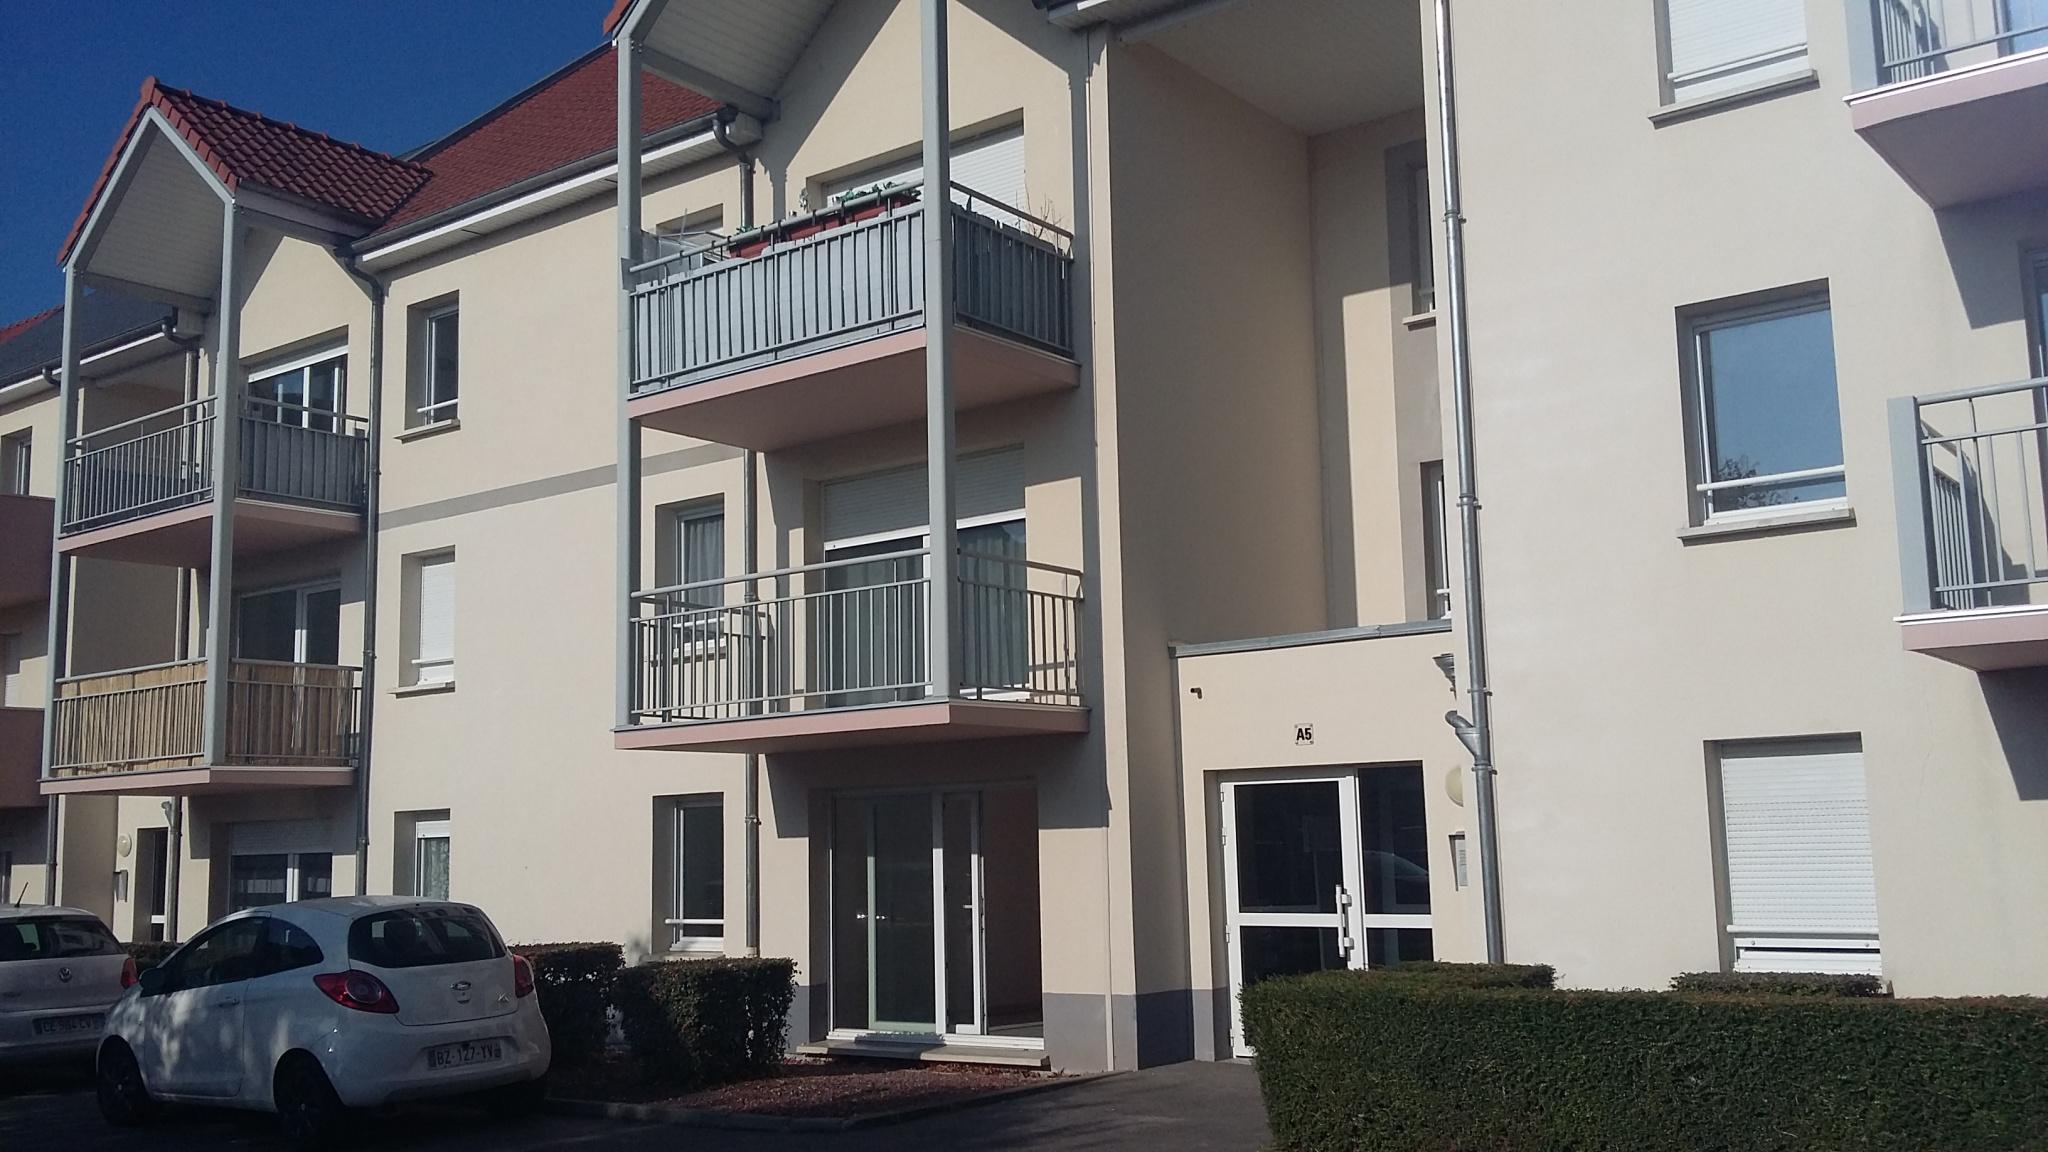 Vente appartement 4 pièces abbeville 80100